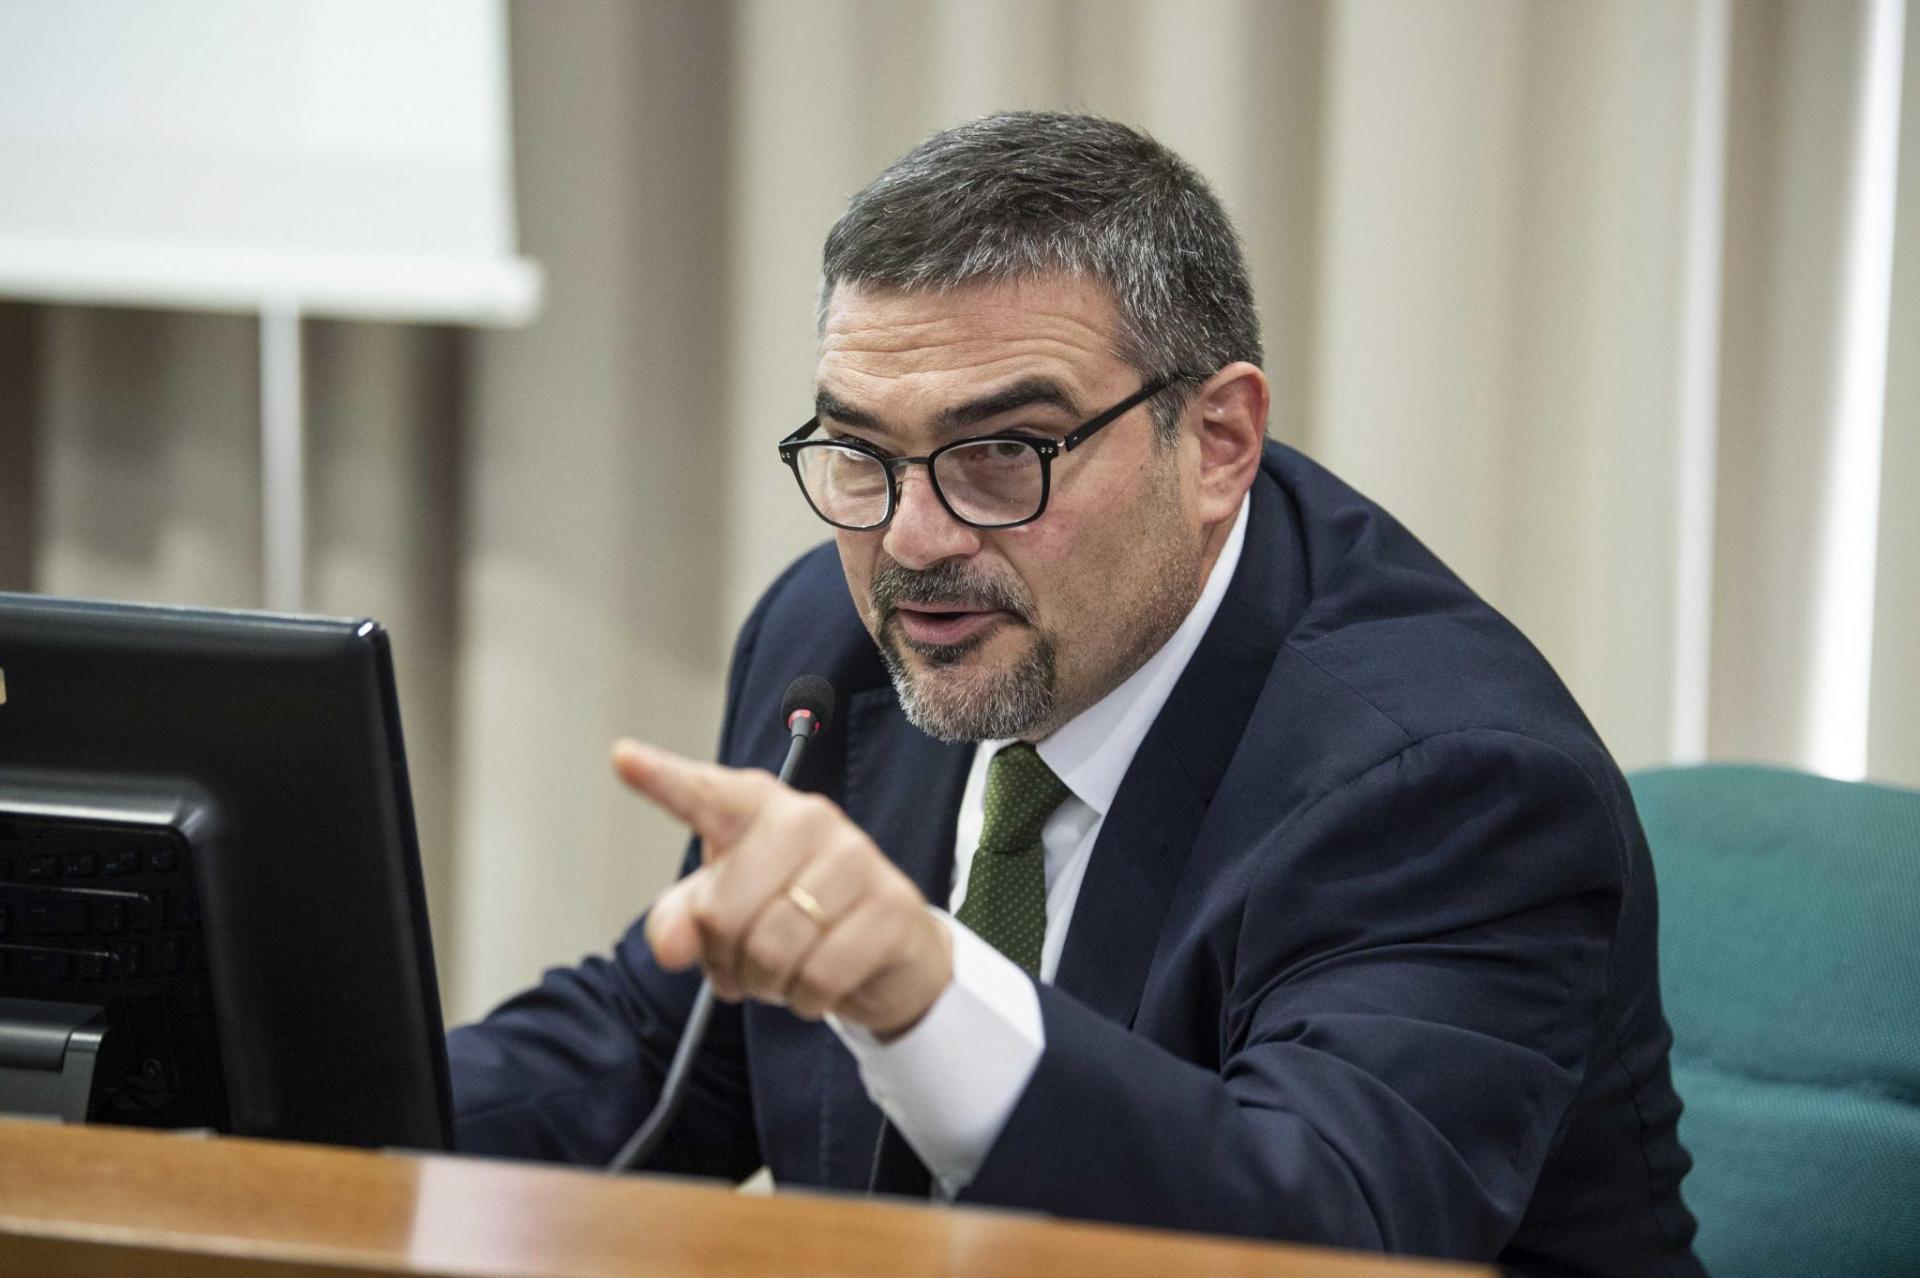 Incontro con Stefano Proietti su Radio Onda UER